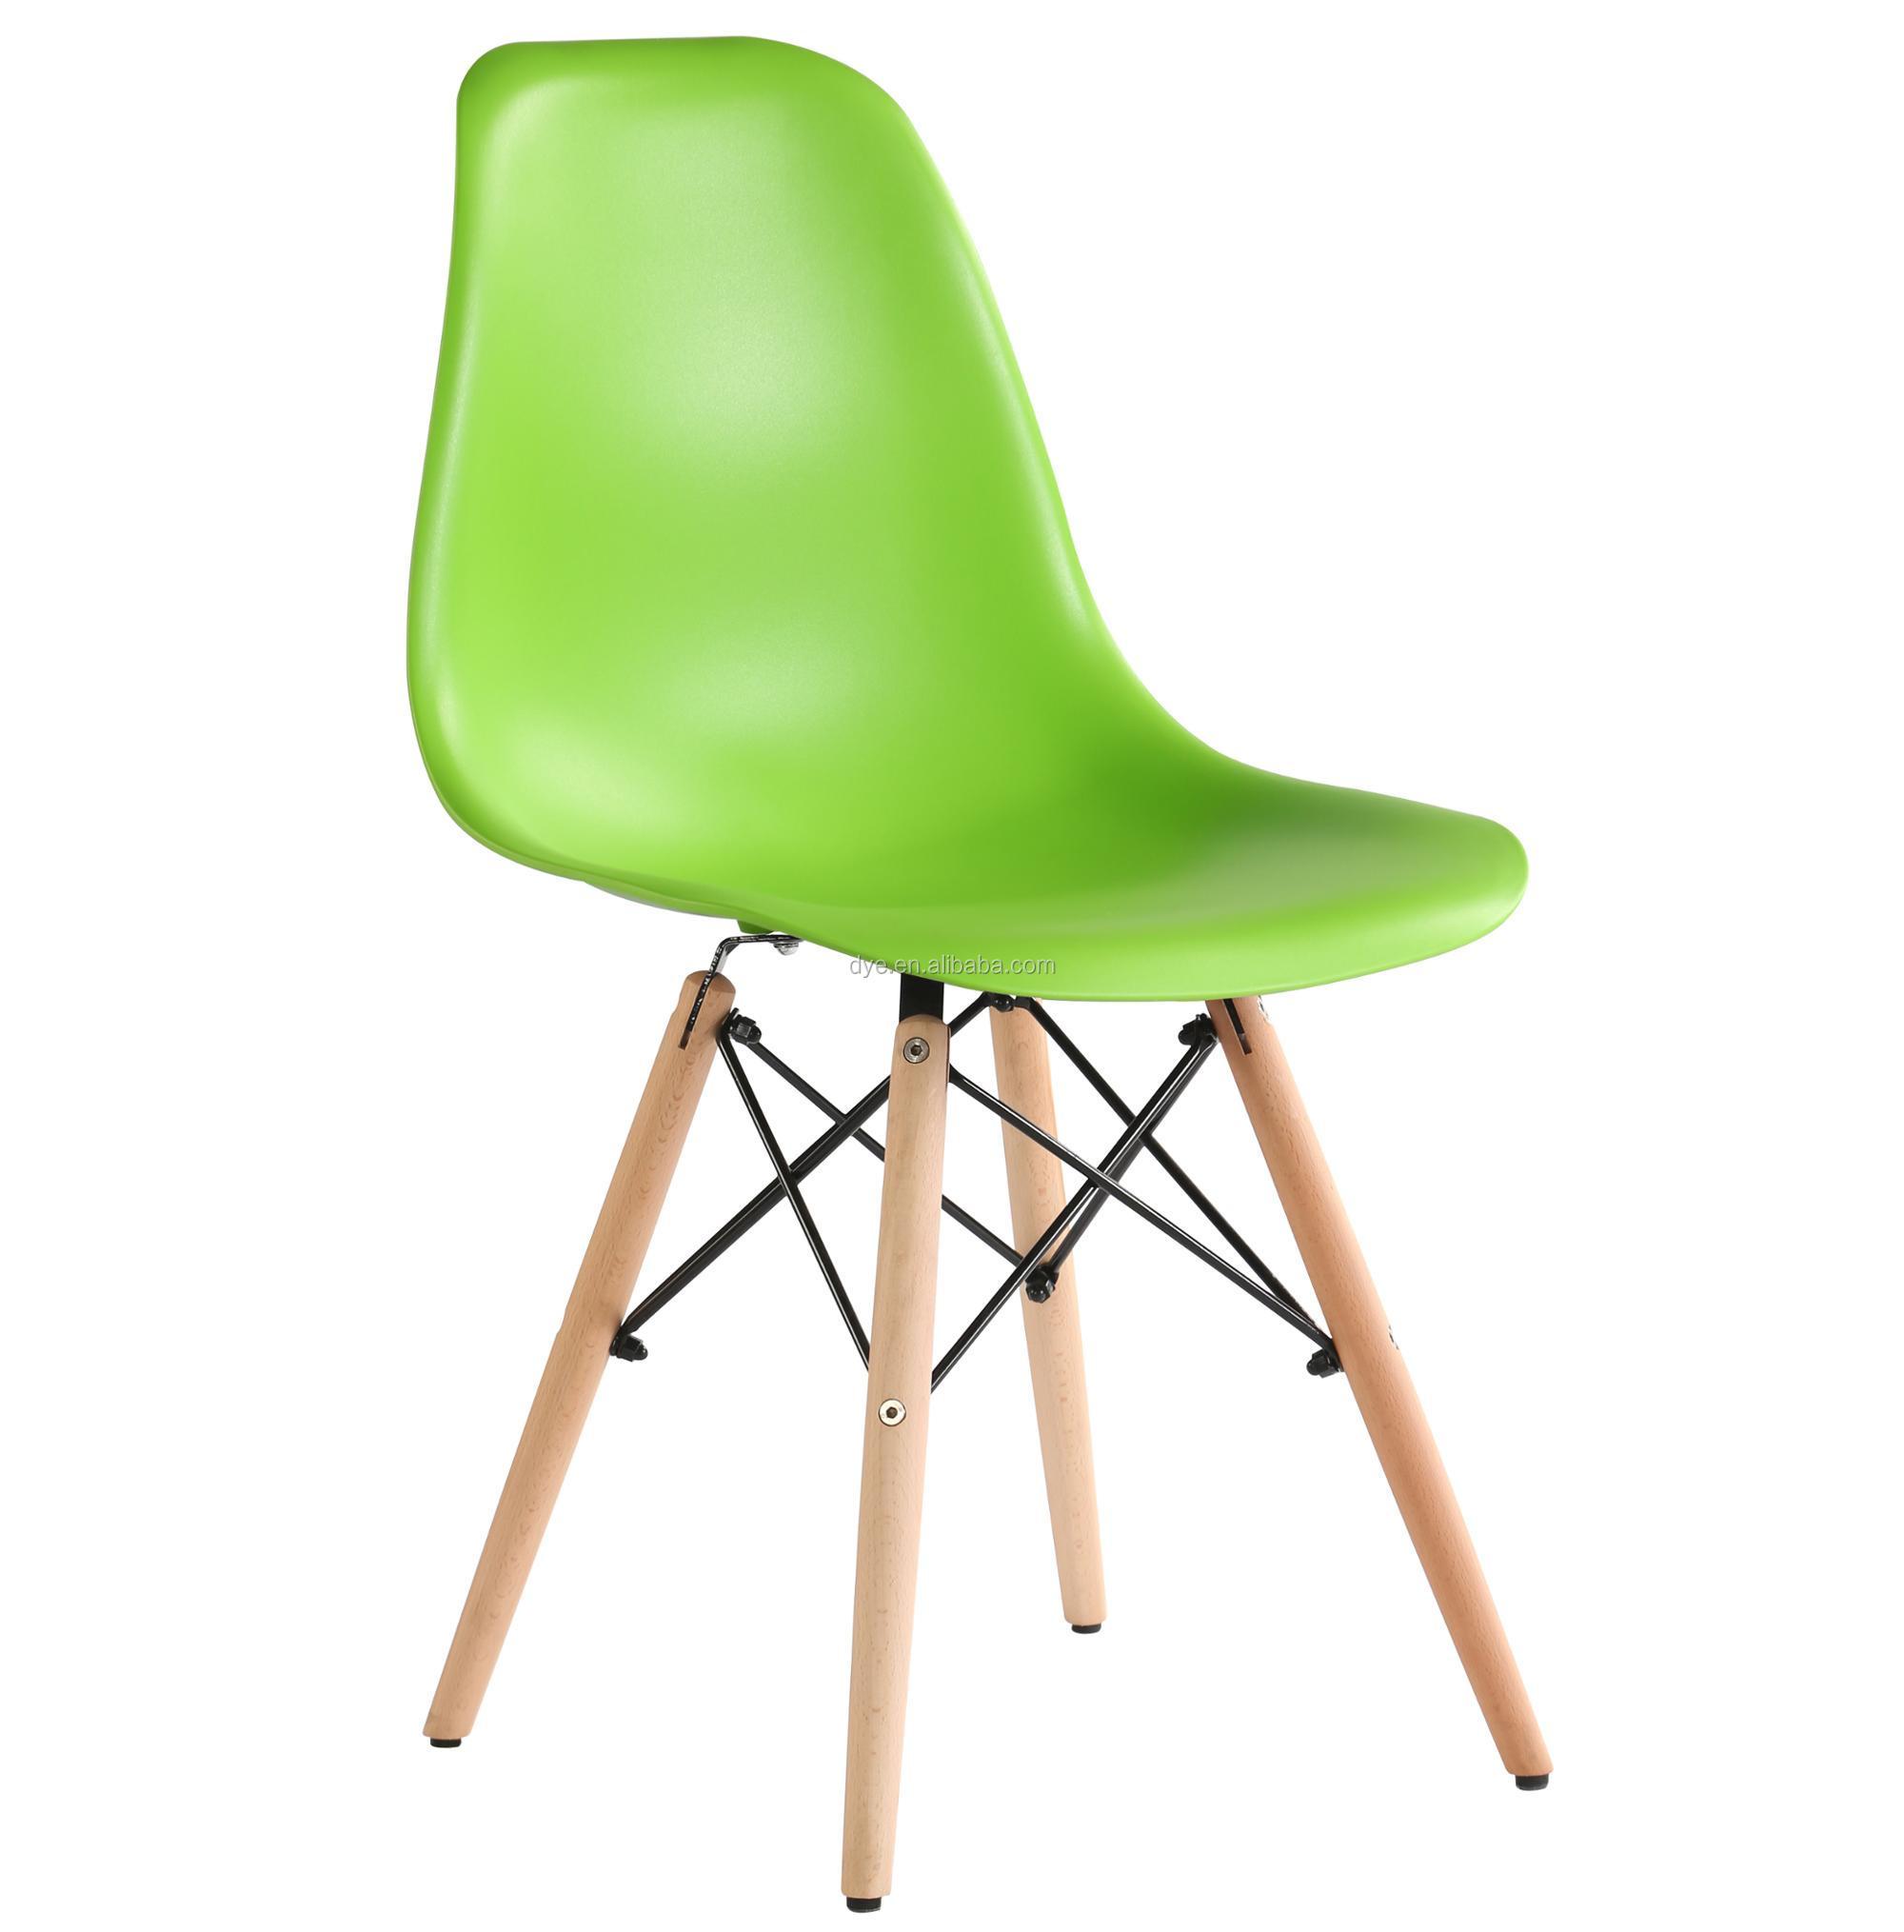 Venta al por mayor sillas comedor italianas modernas-Compre online ...